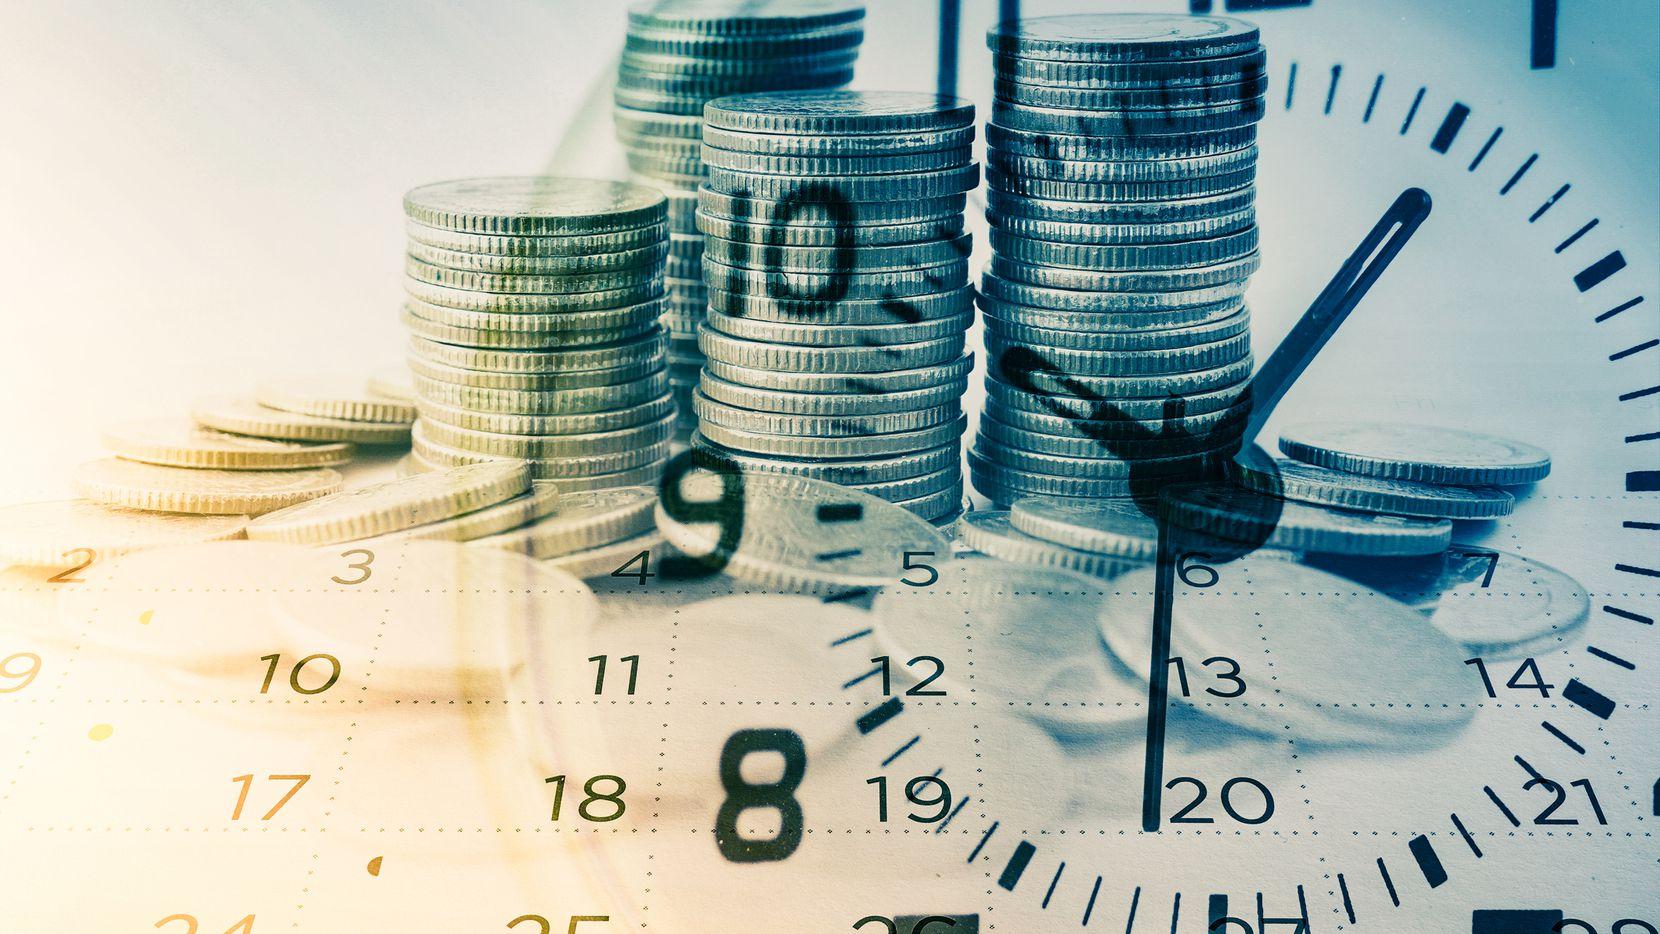 Un fondo de más de un millón de dólares está proporcionando préstamos a pequeños negocios cuyos dueños sean minorías o mujeres.